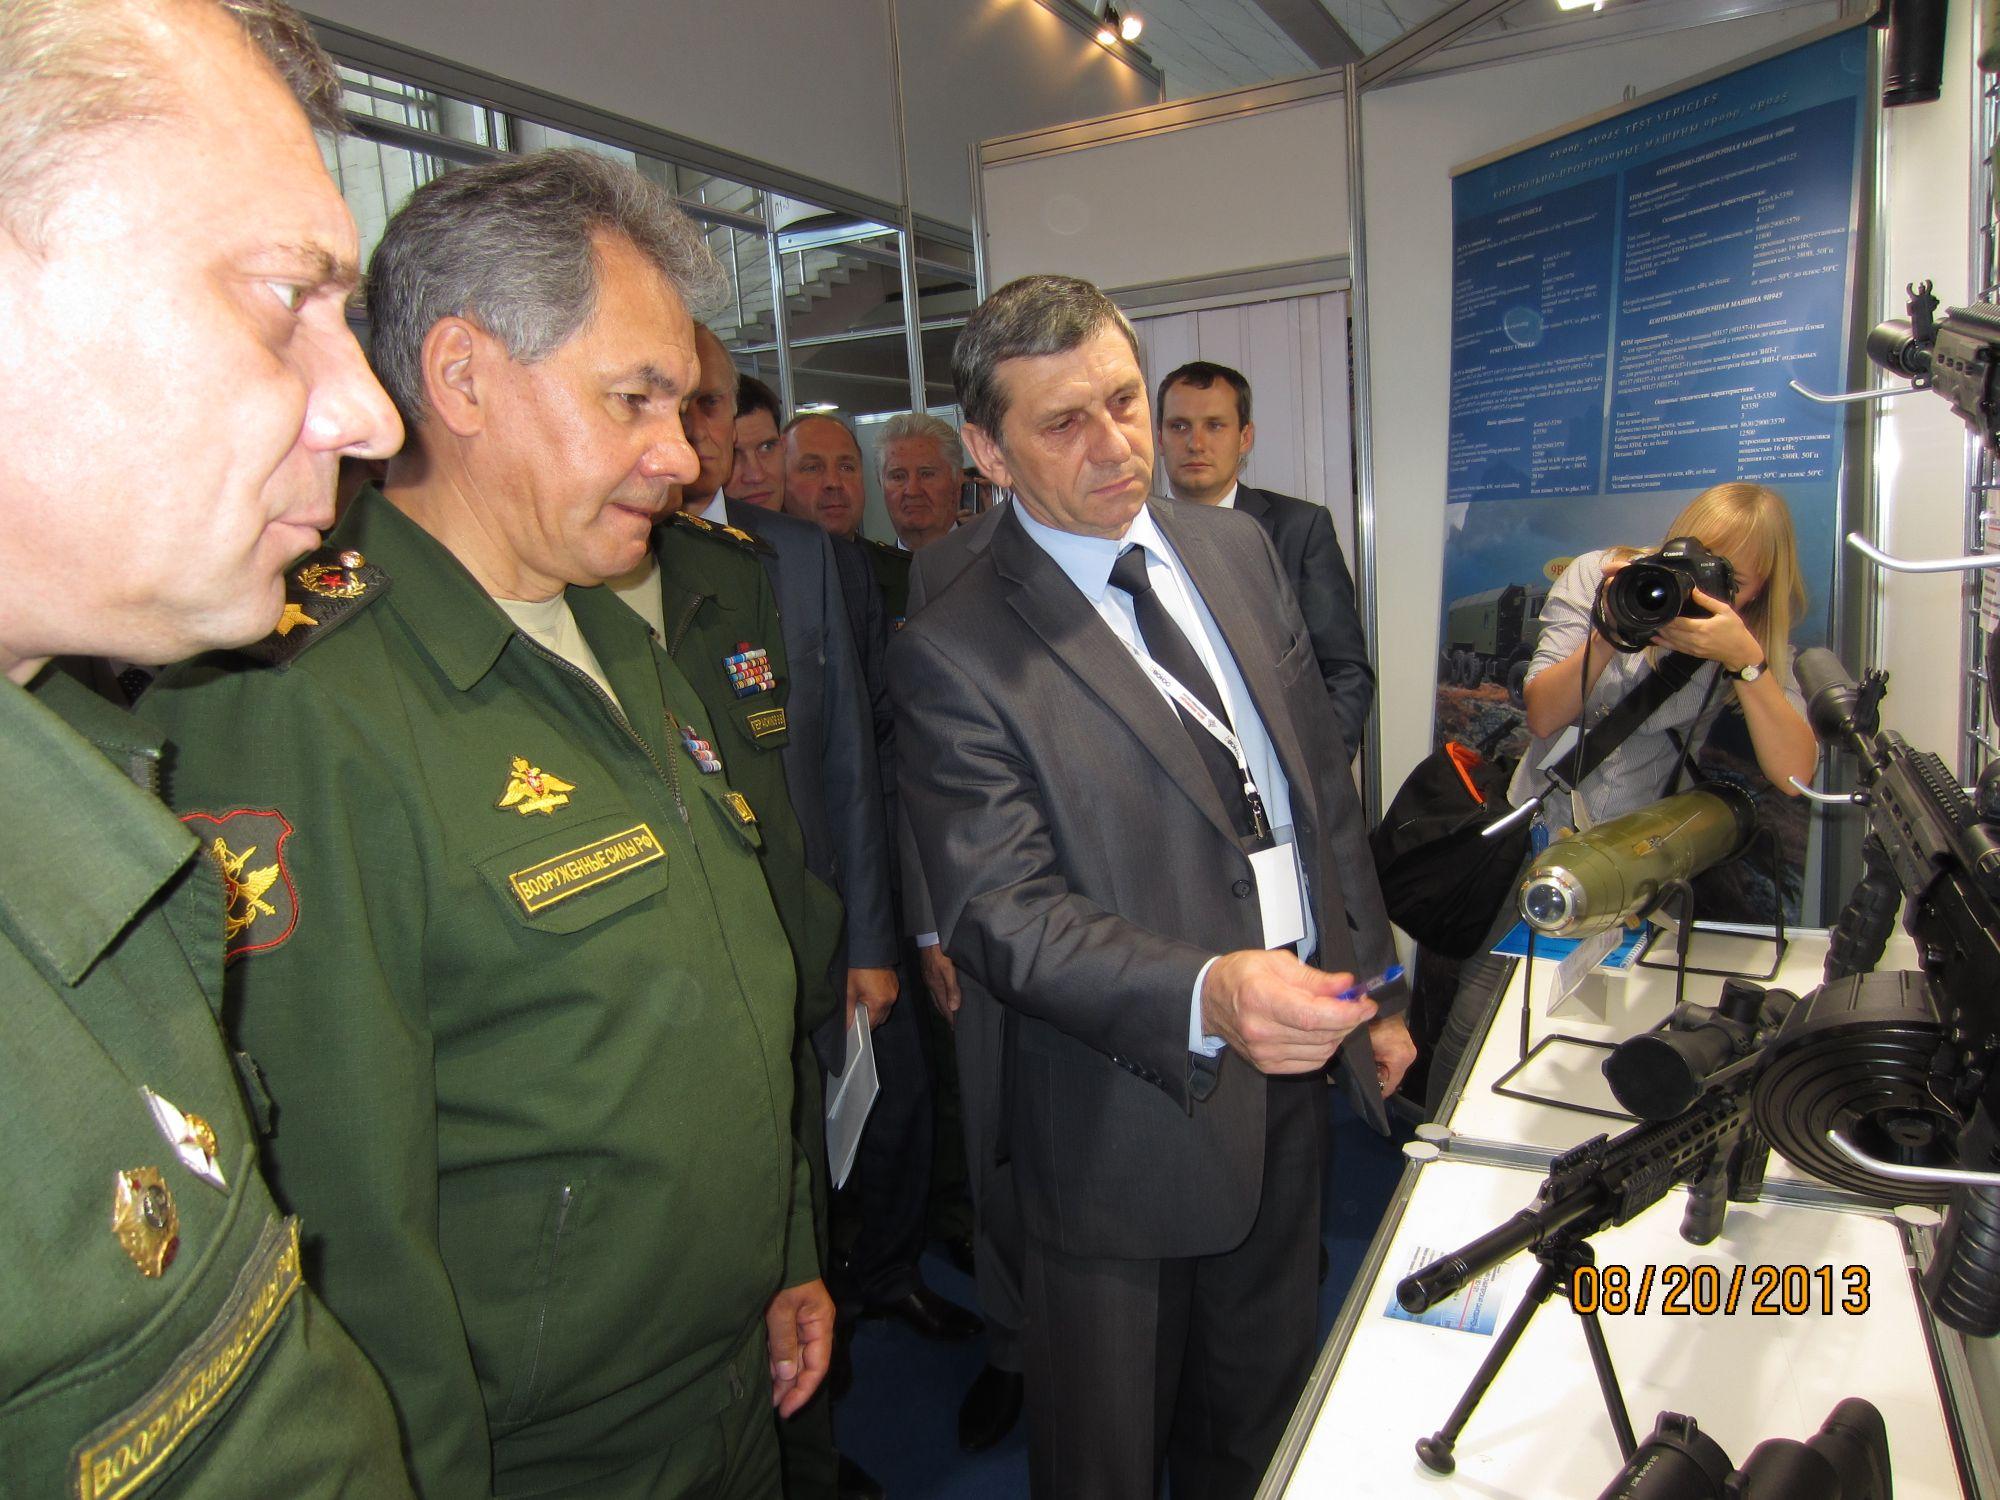 Министр обороны Сергей Шойгу осматривает экспозицию концерна «Калашников» на Дне инноваций 20 августа 2013г.